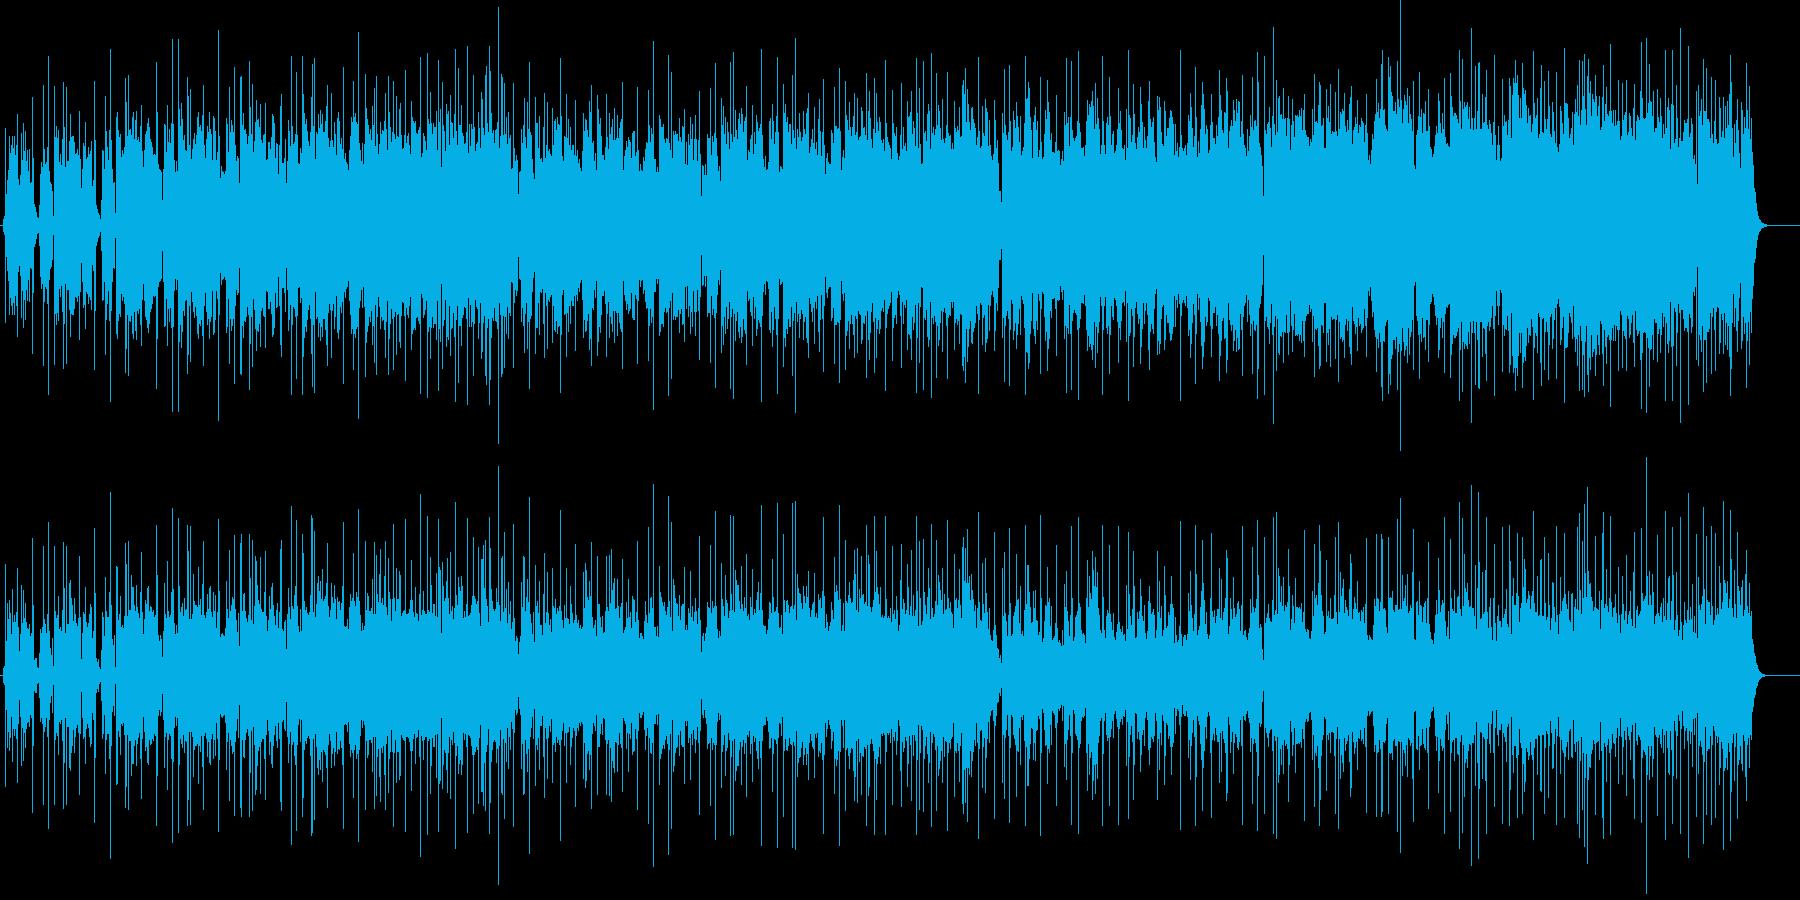 ギターソロが超クールなハードロックの再生済みの波形